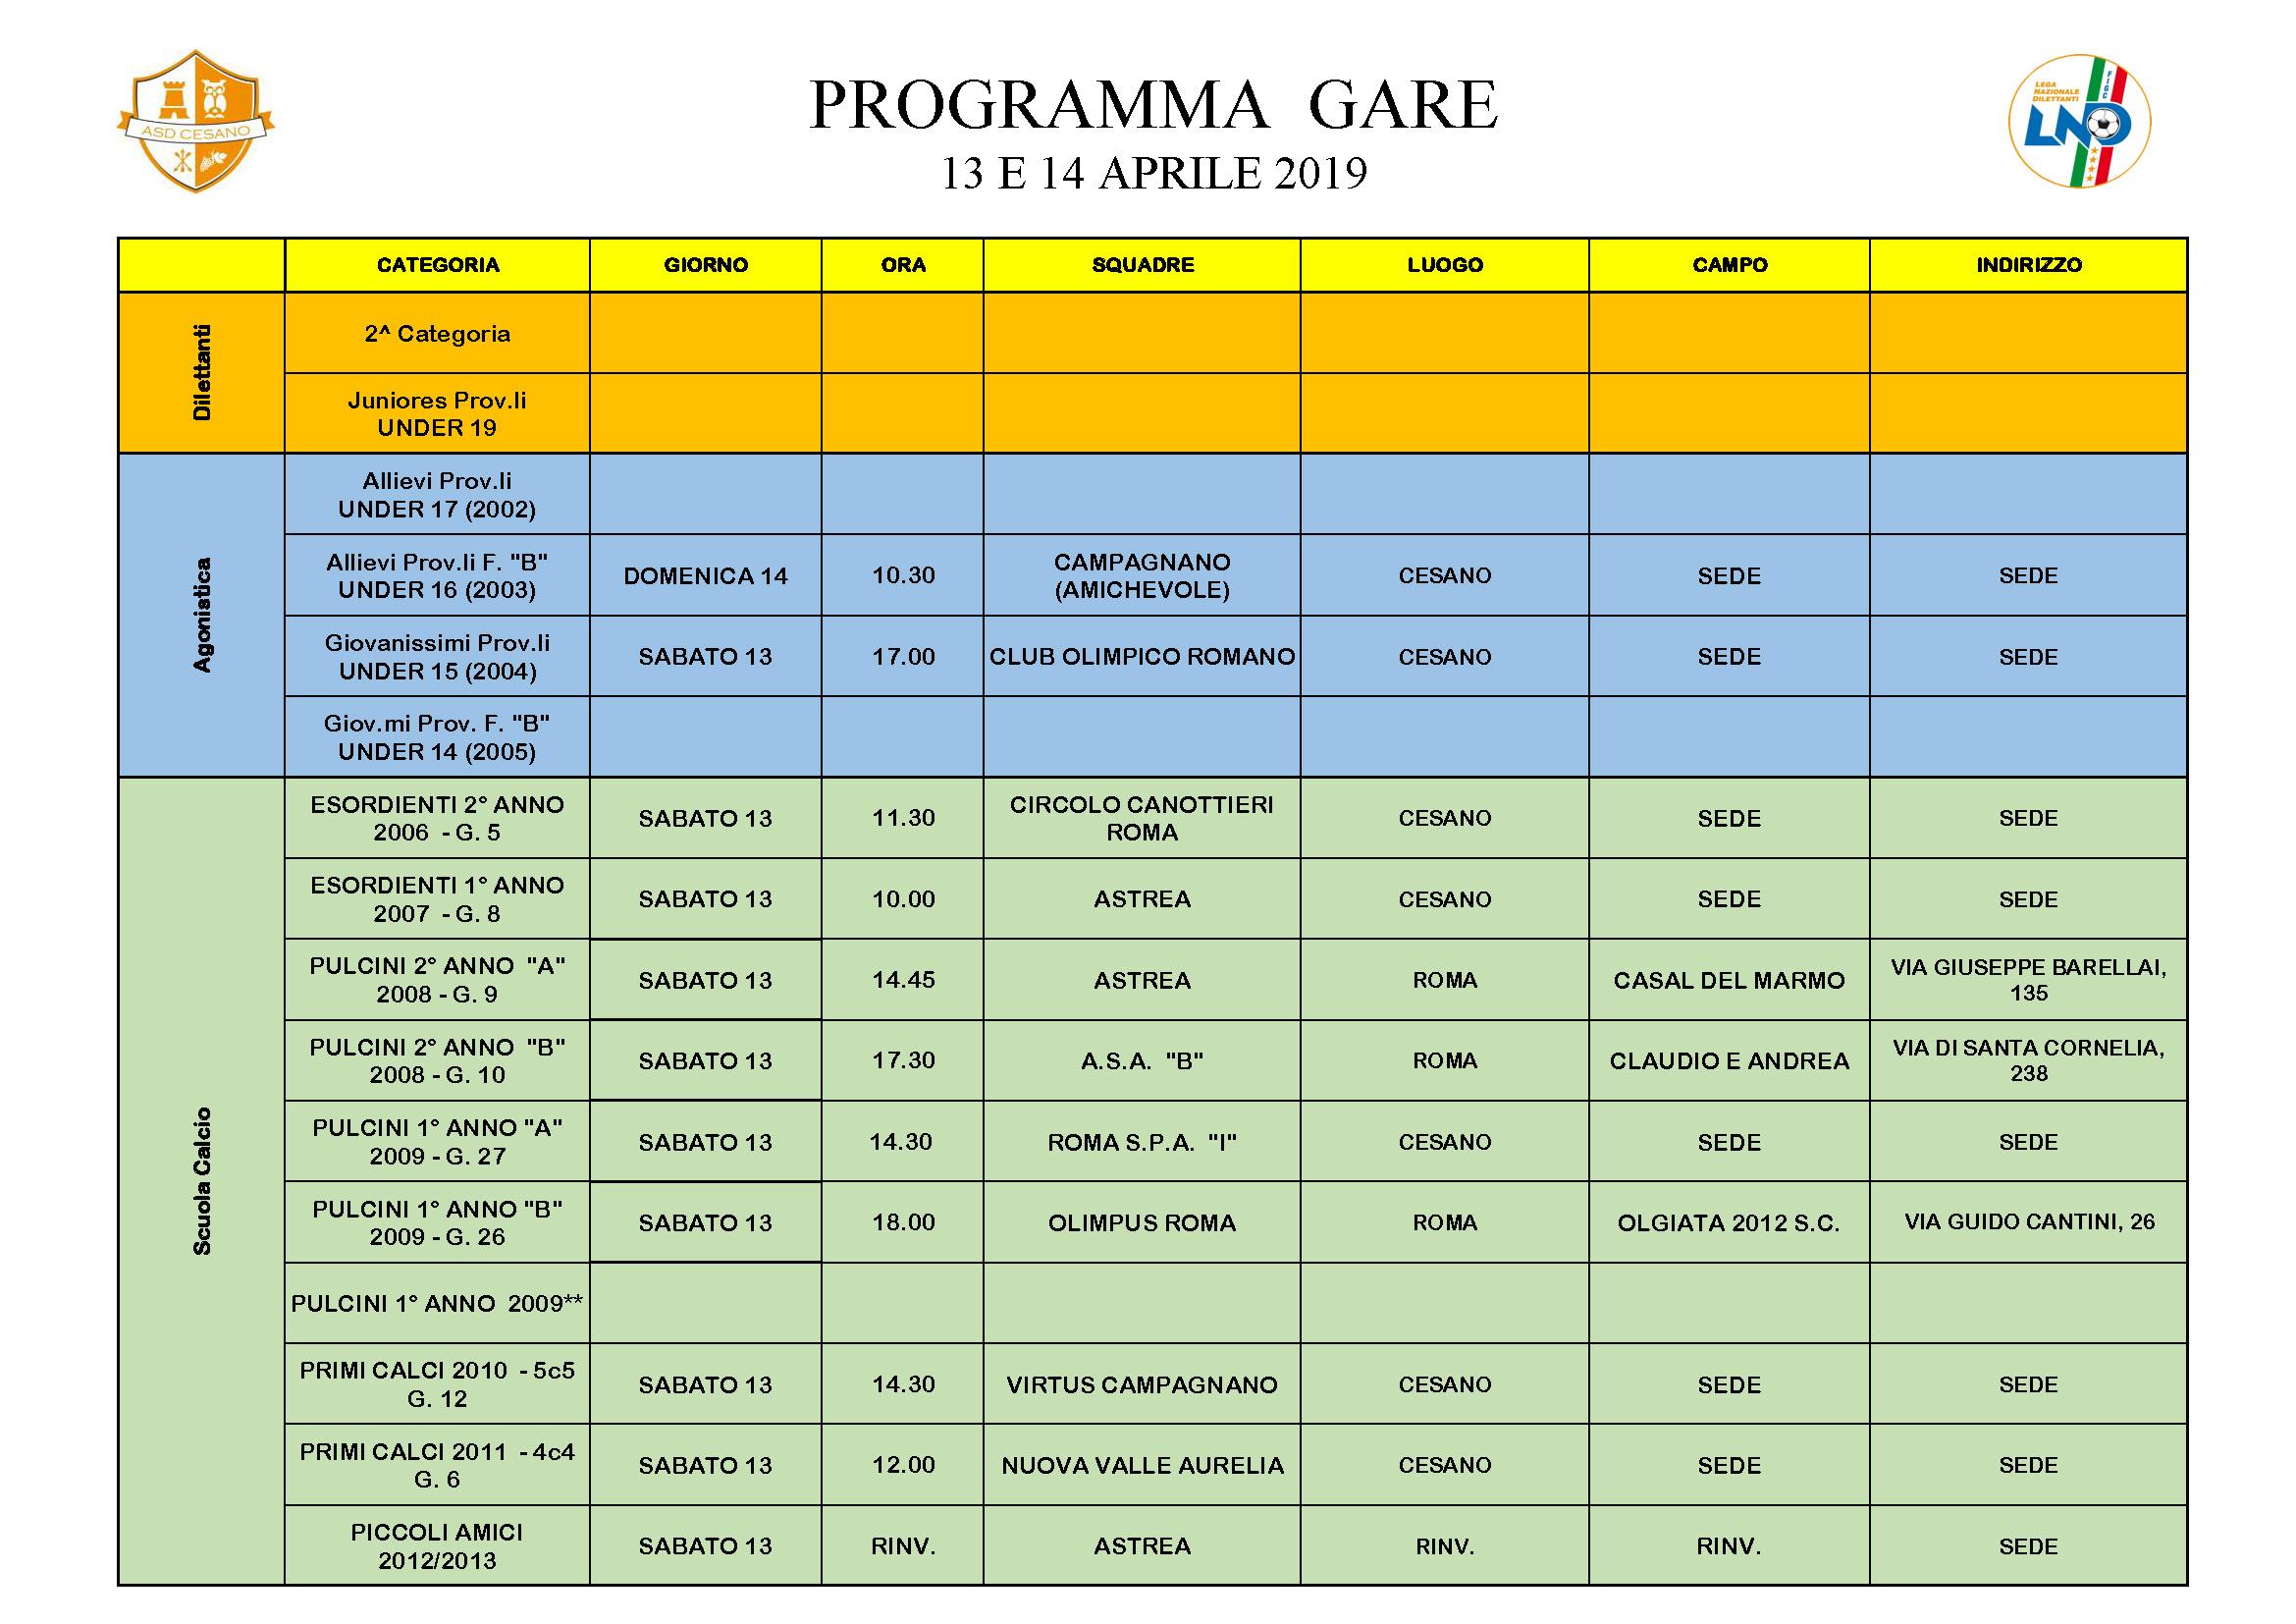 Programma gare 13-04-2019